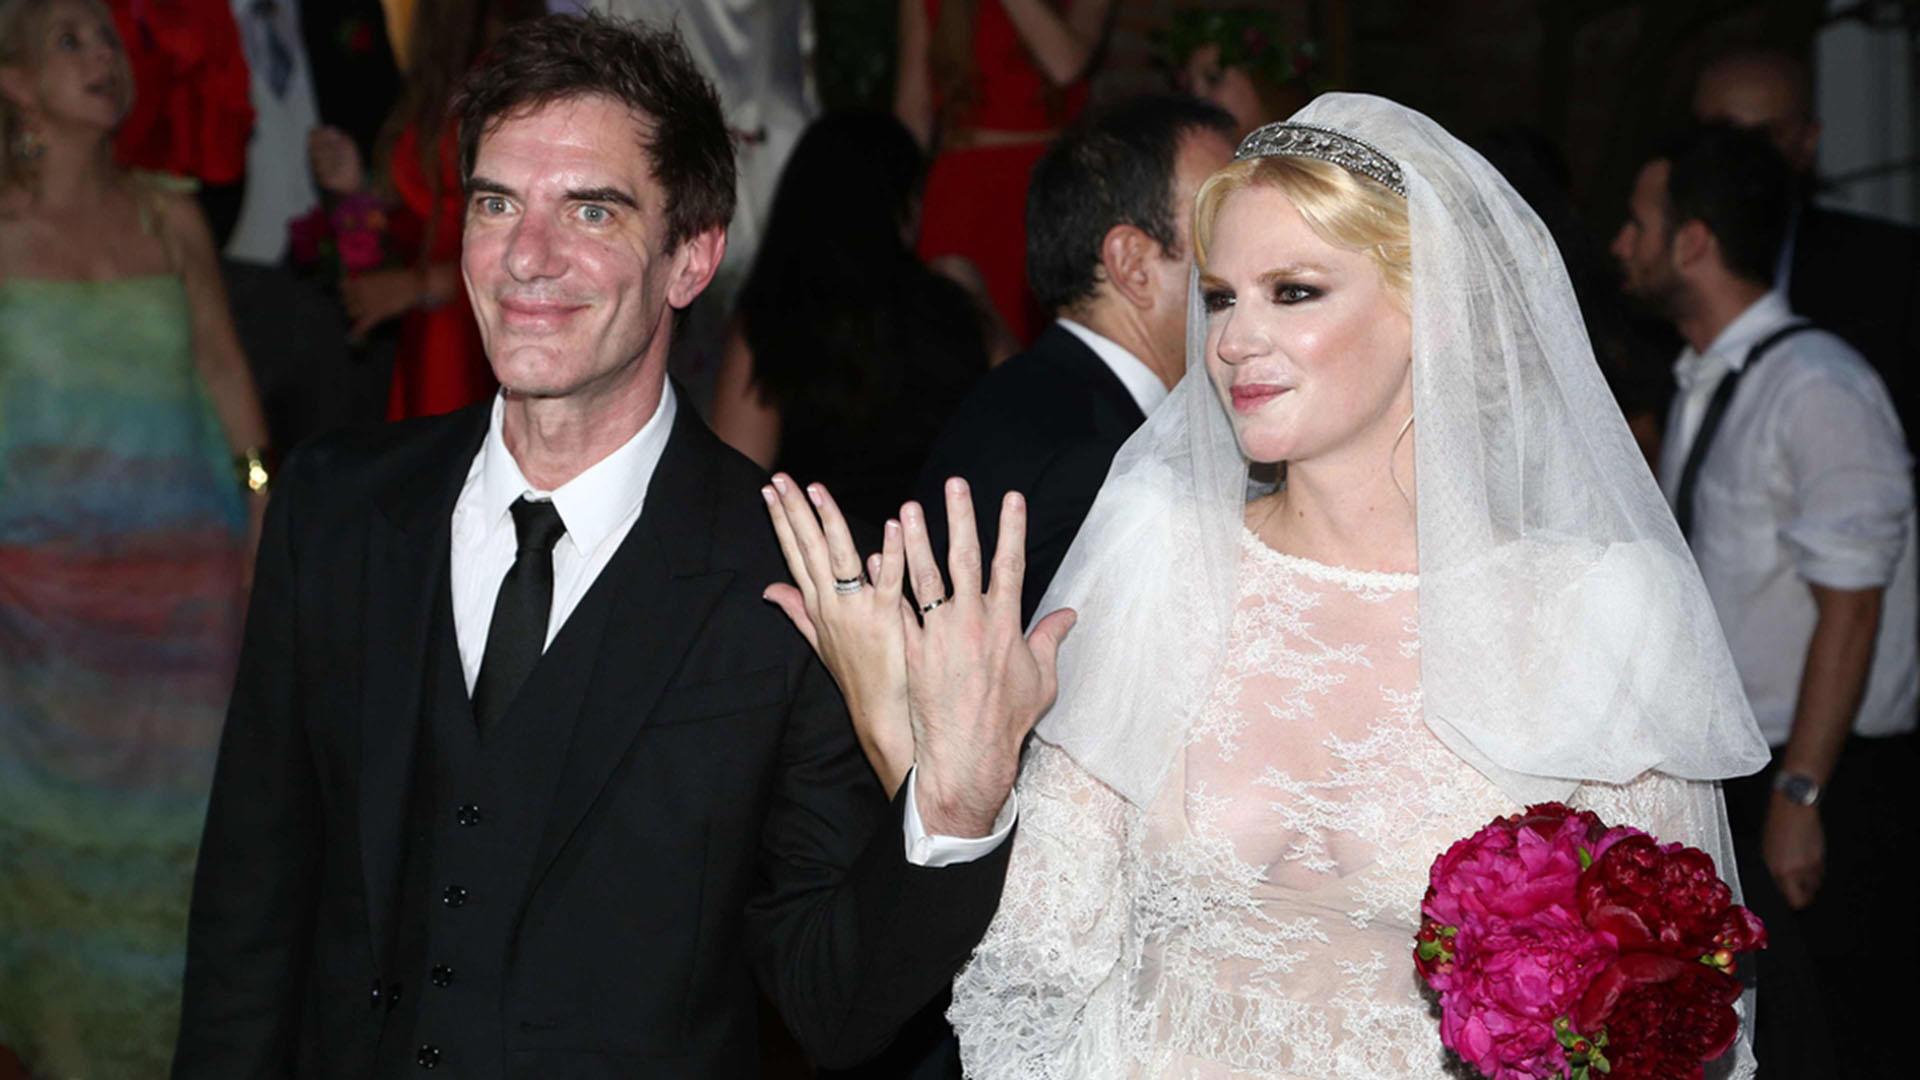 La boda se celebró con una fiesta para 400 invitados en el Tenis Club Argentino de Palermo